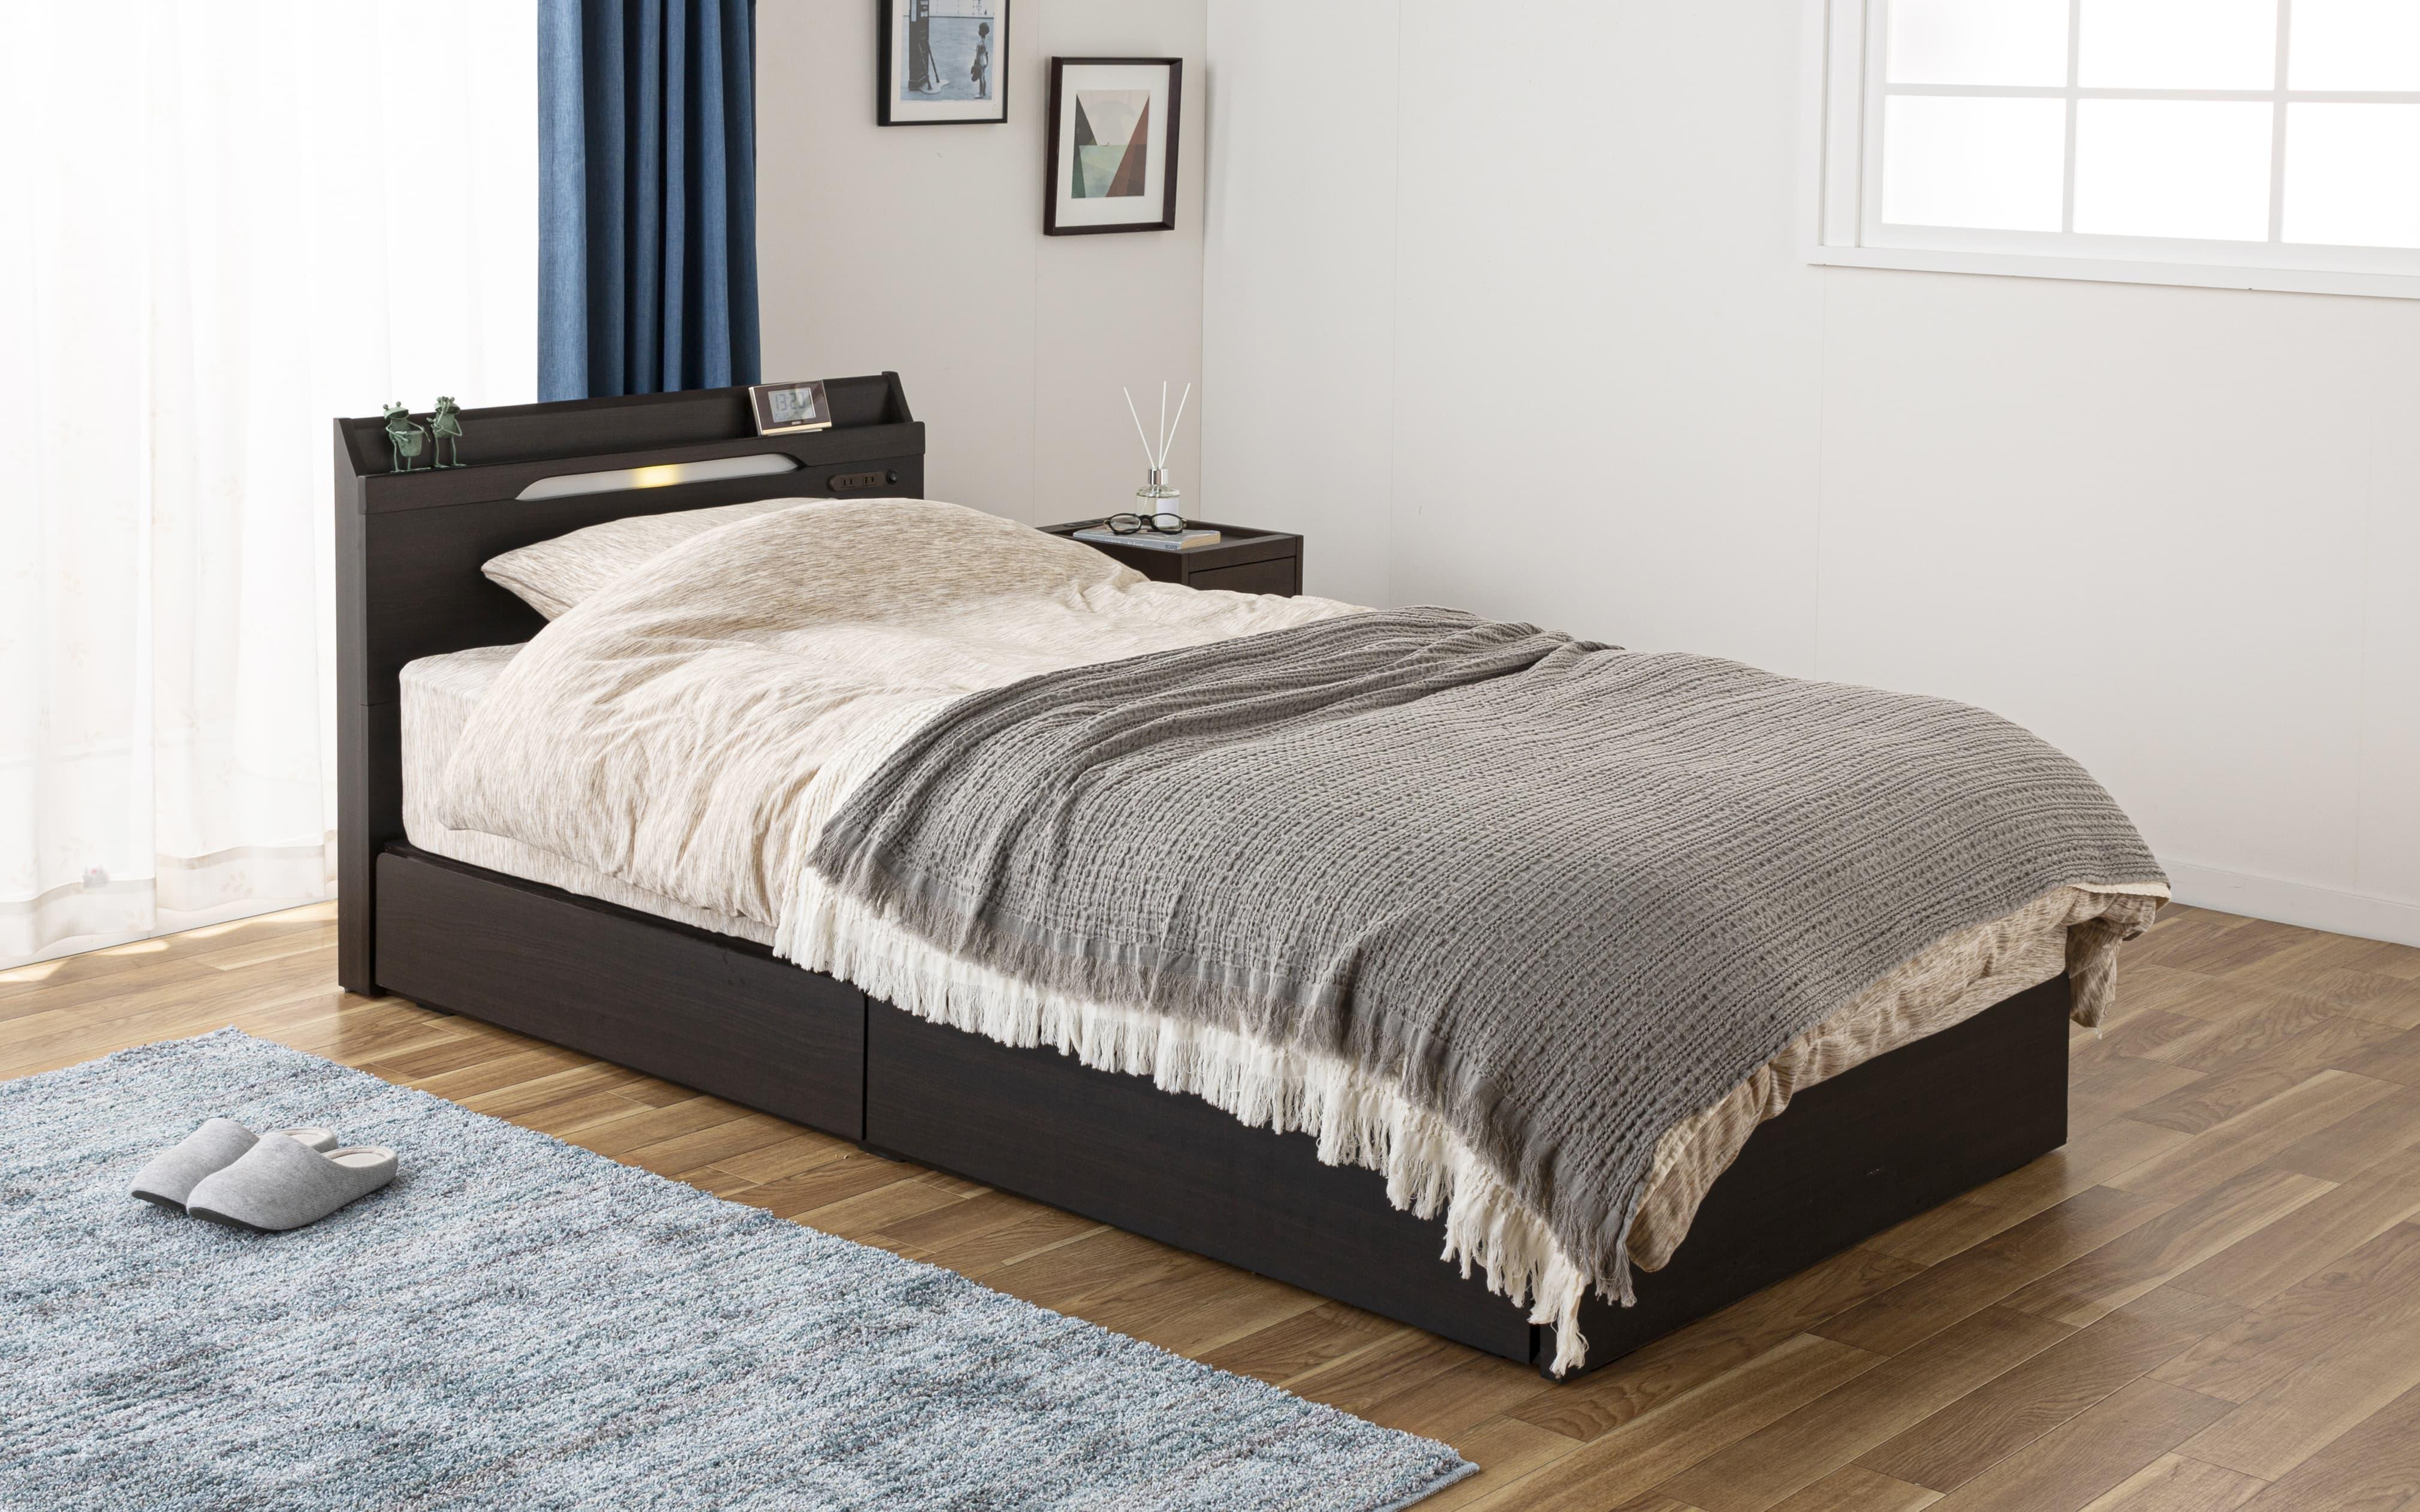 シングルベッド KK024�U DR210 2杯引 DBR(ダークブラウン)/OU-15S:シンプルデザインでオシャレな寝室を